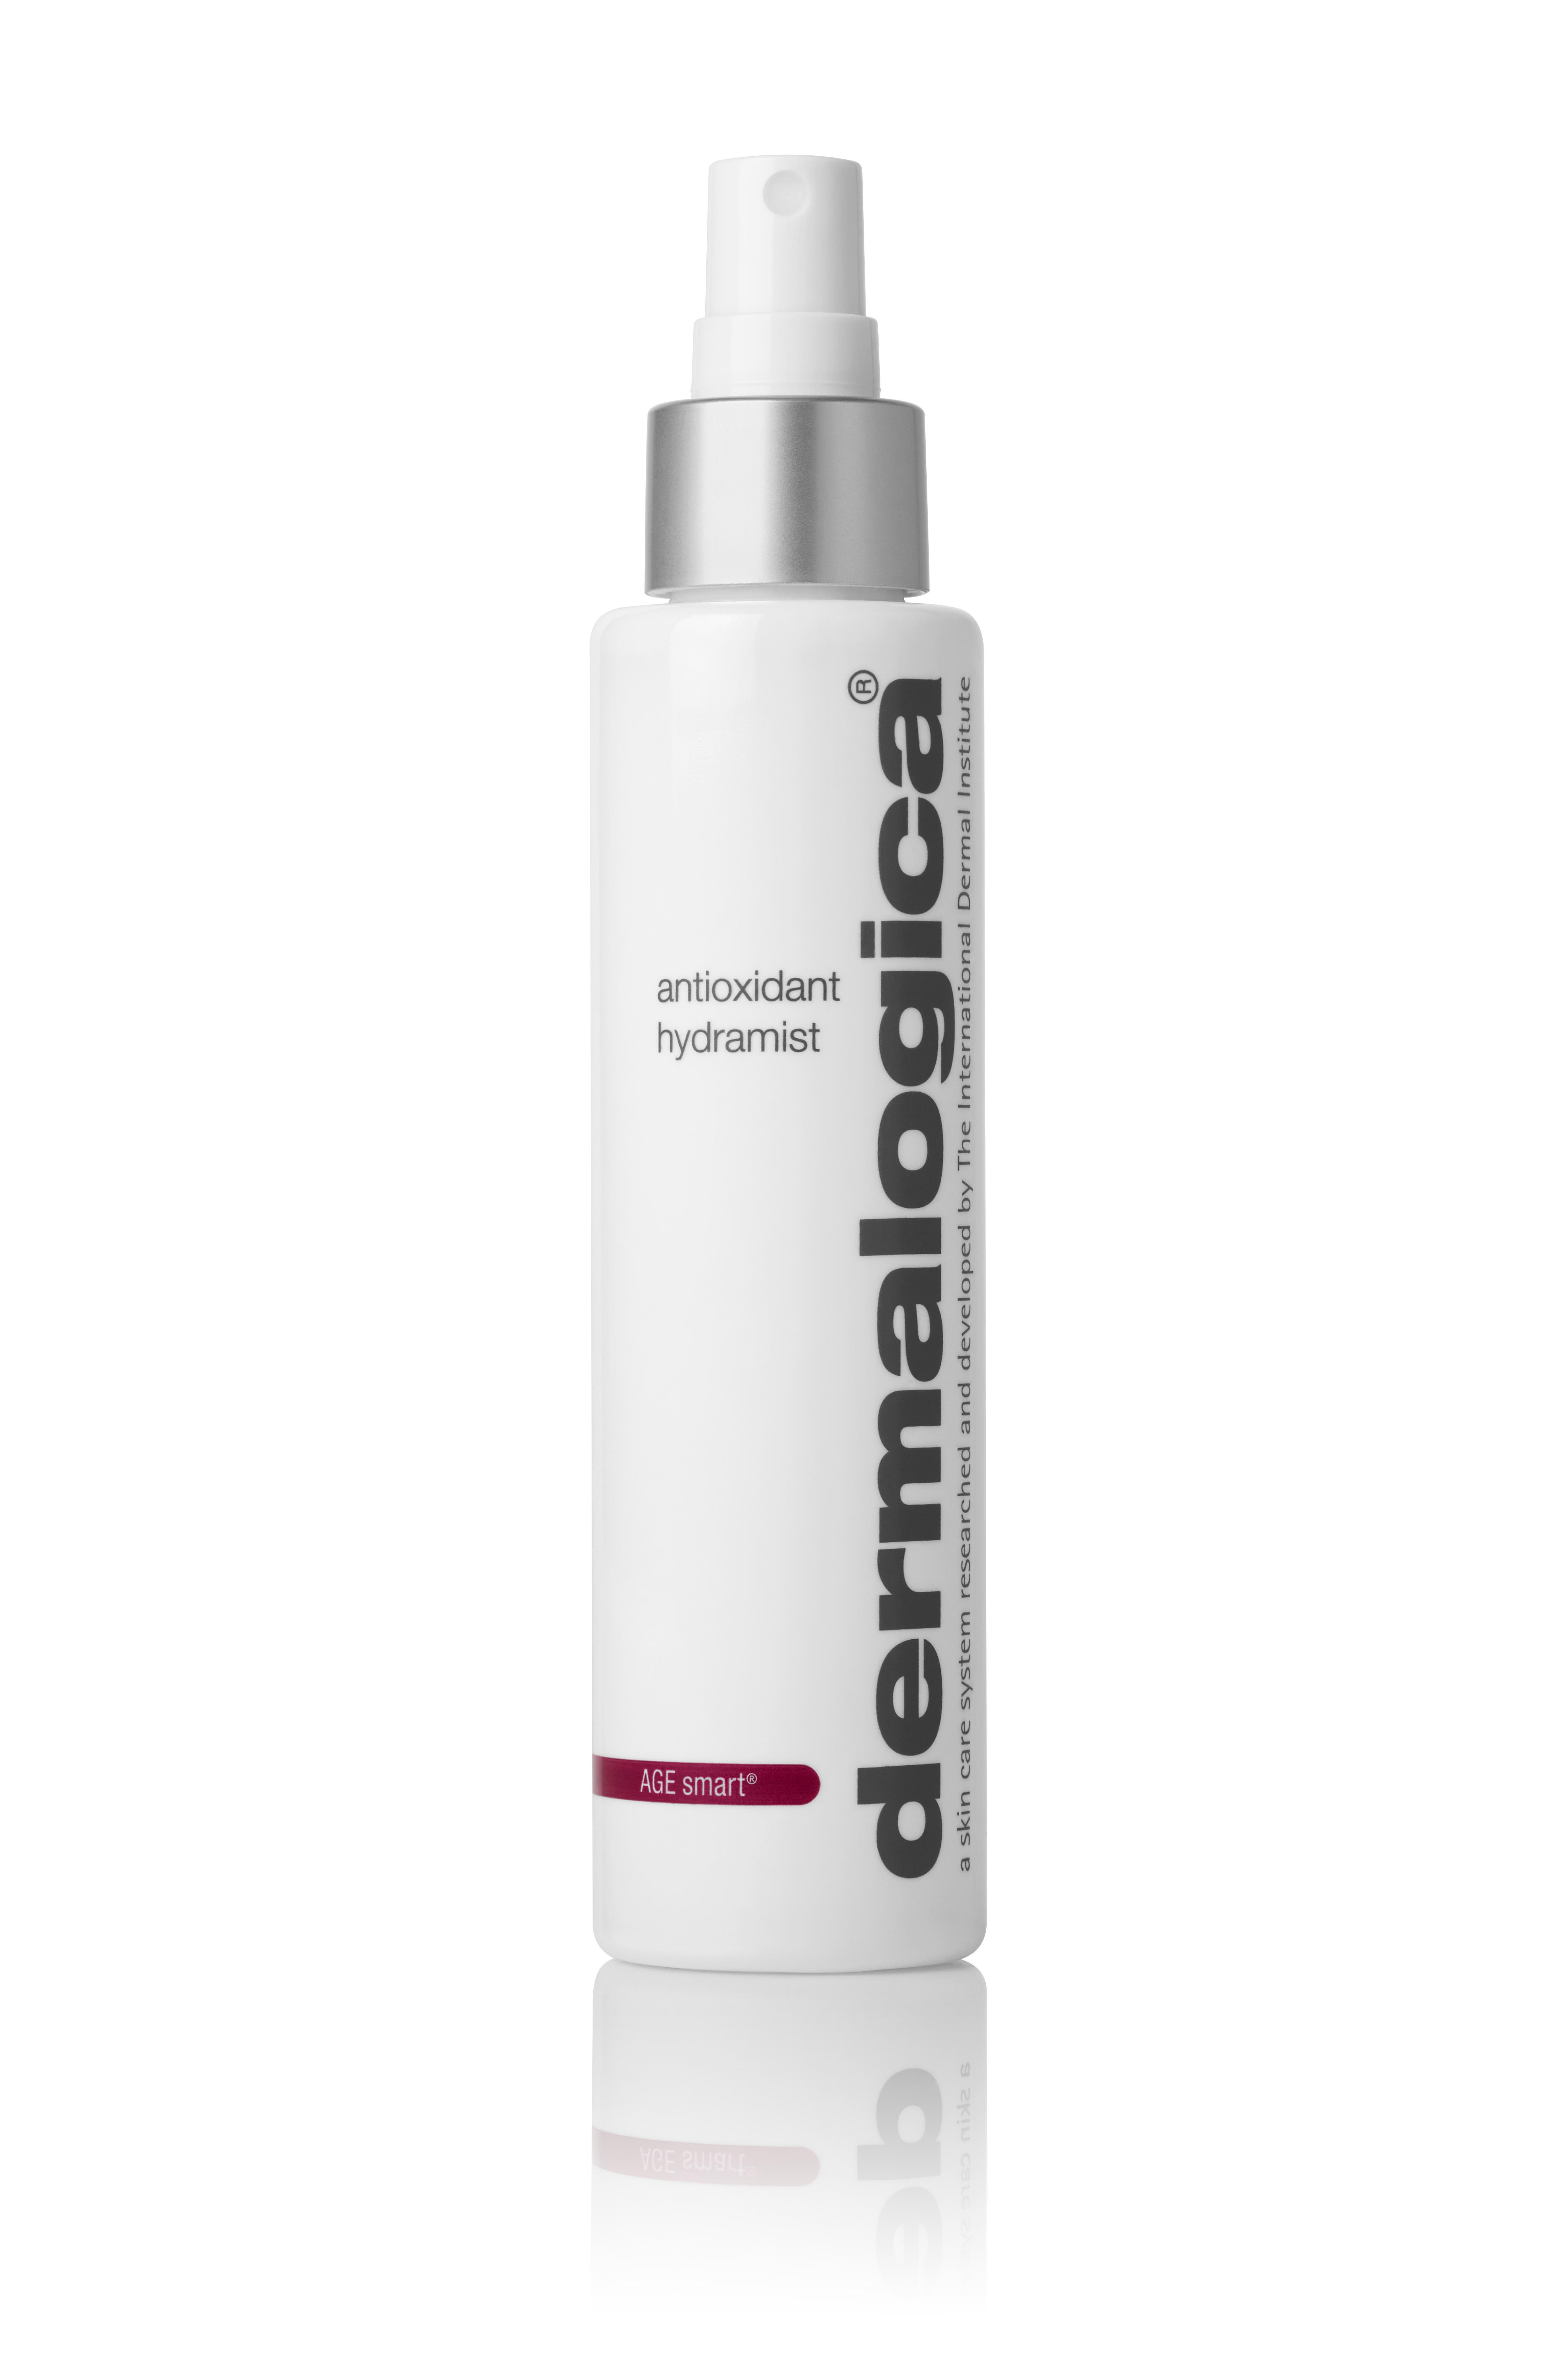 Dermalogica Antioxidant Hydramist, 150 ml